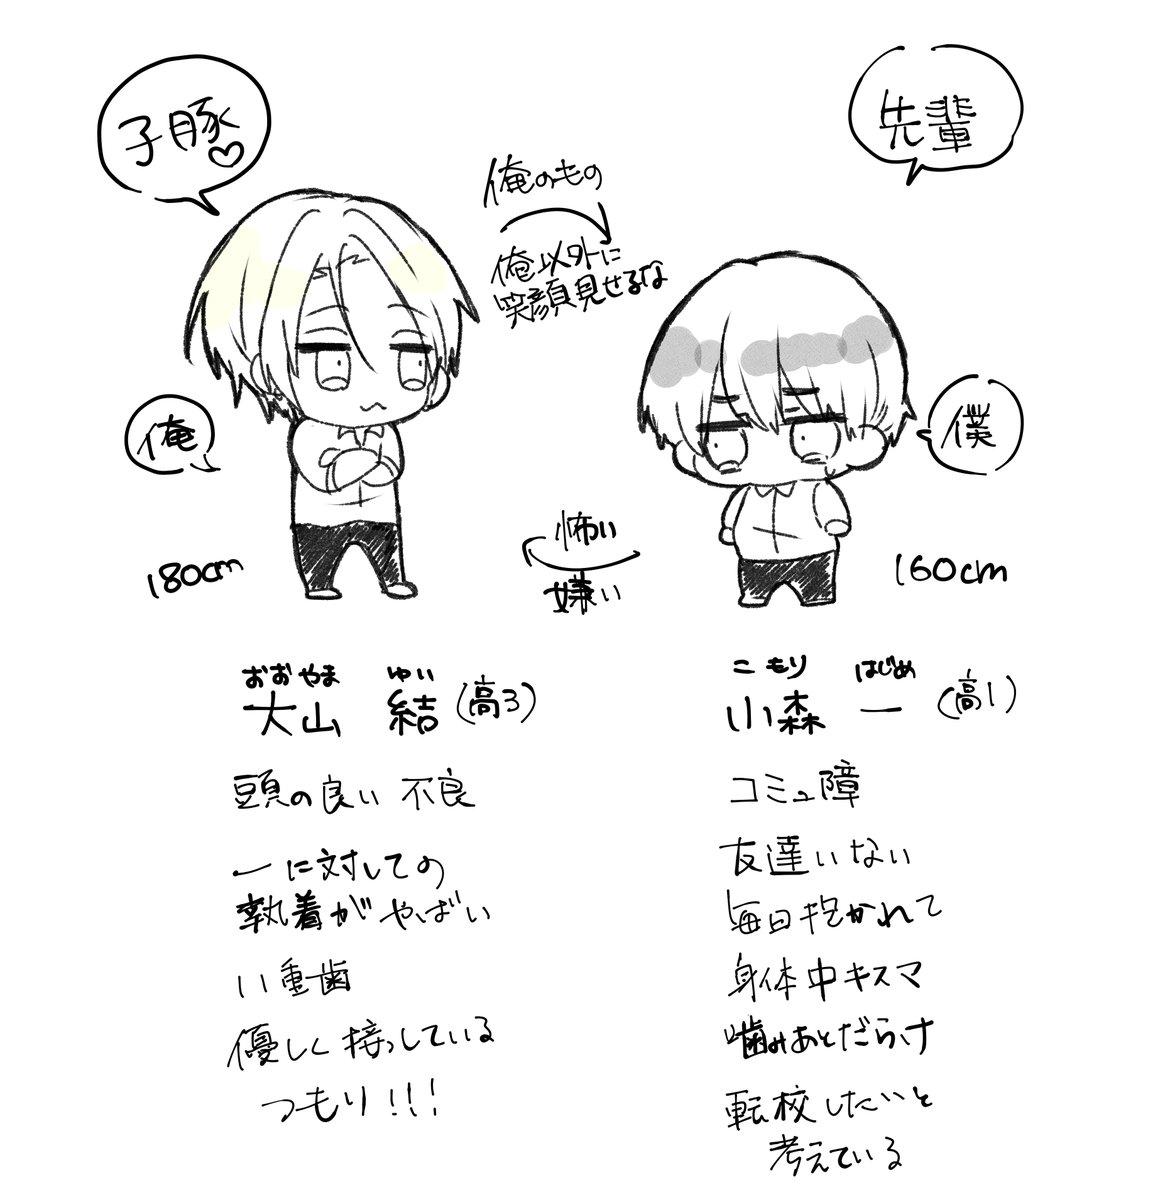 に 朱 さんずい 「滞/滯」という漢字の意味・成り立ち・読み方・画数・部首を学習